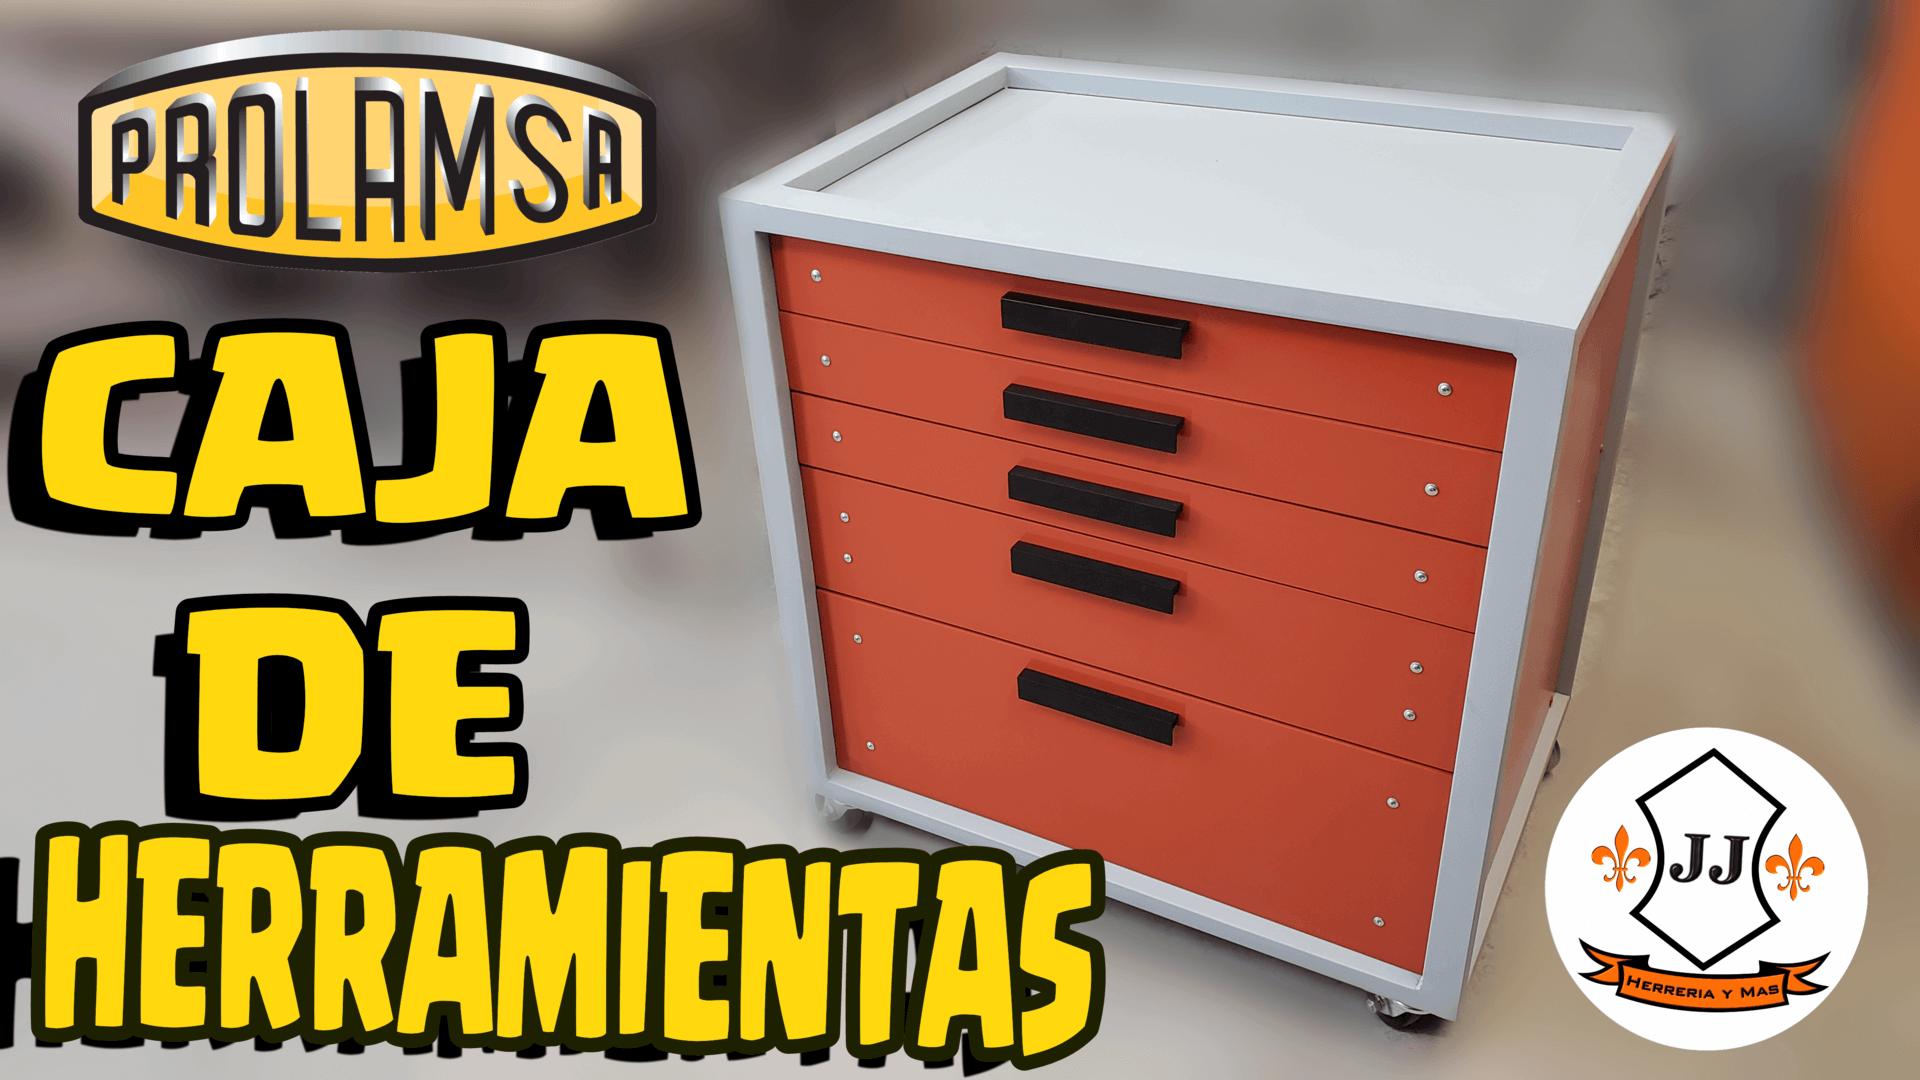 Tutorial para armar una caja de herramientas con productos prolamsa